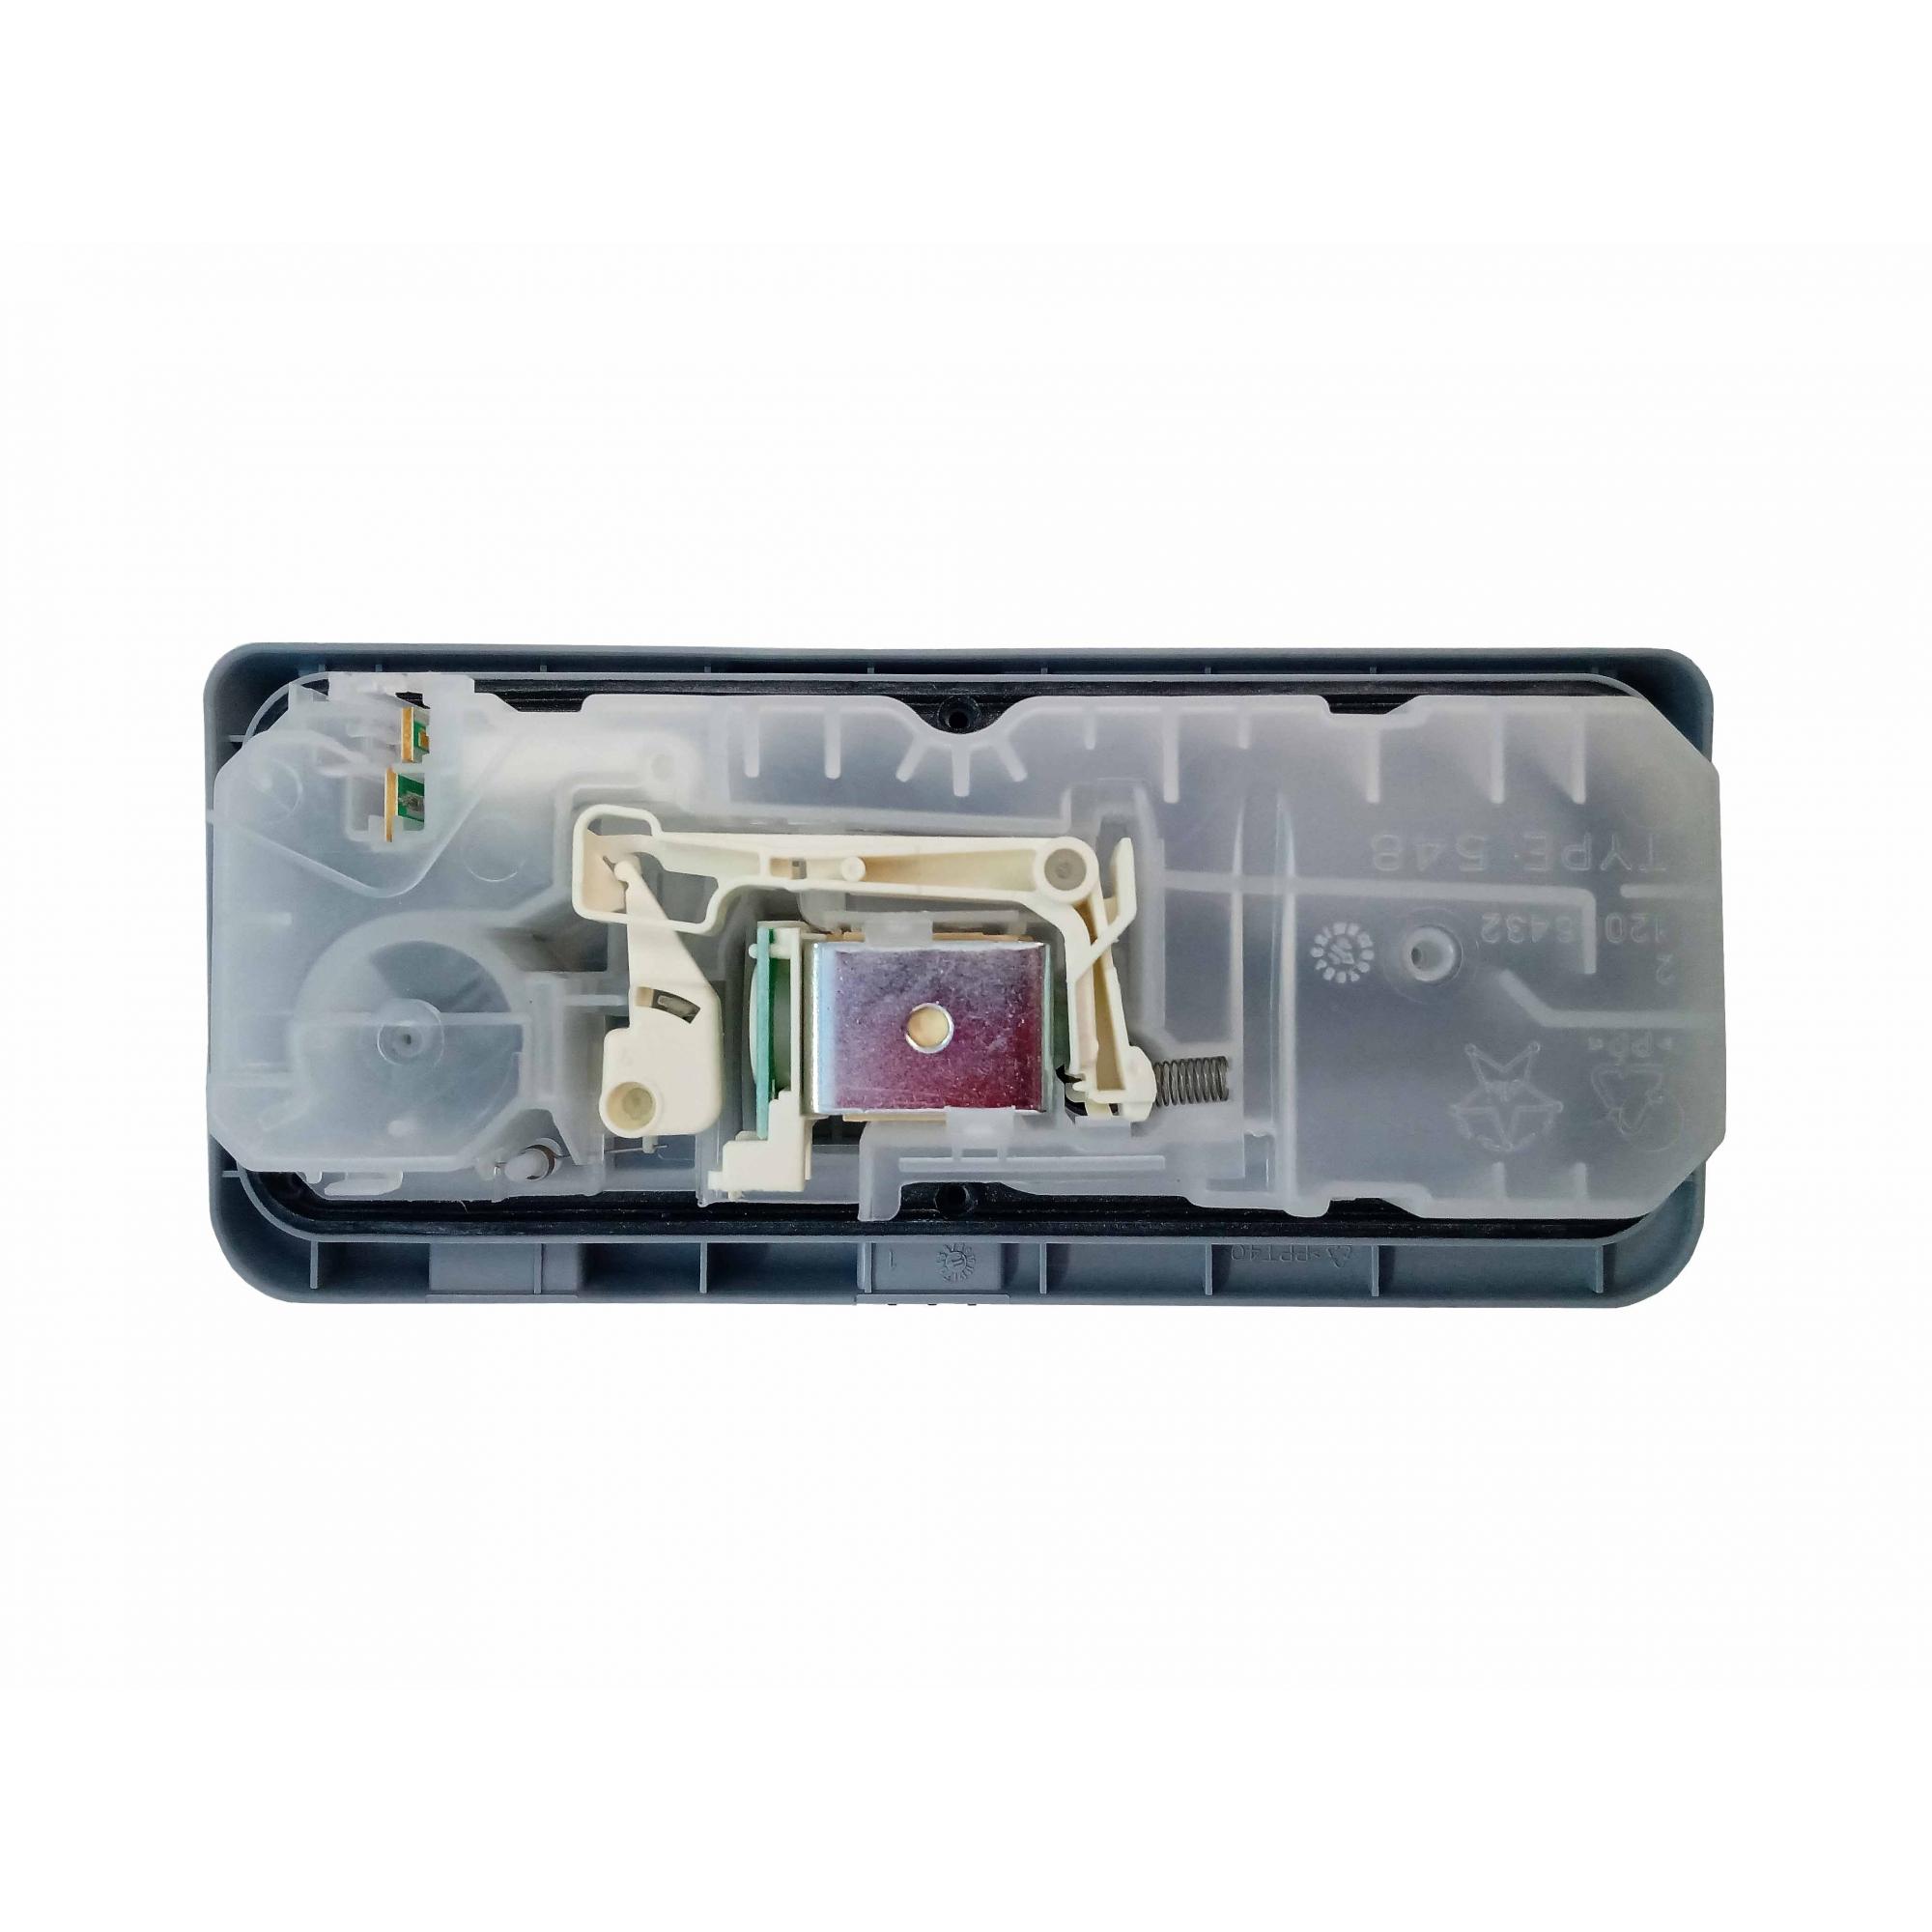 Dispenser de Sabão Lava Louça Brastemp 220V 326032414